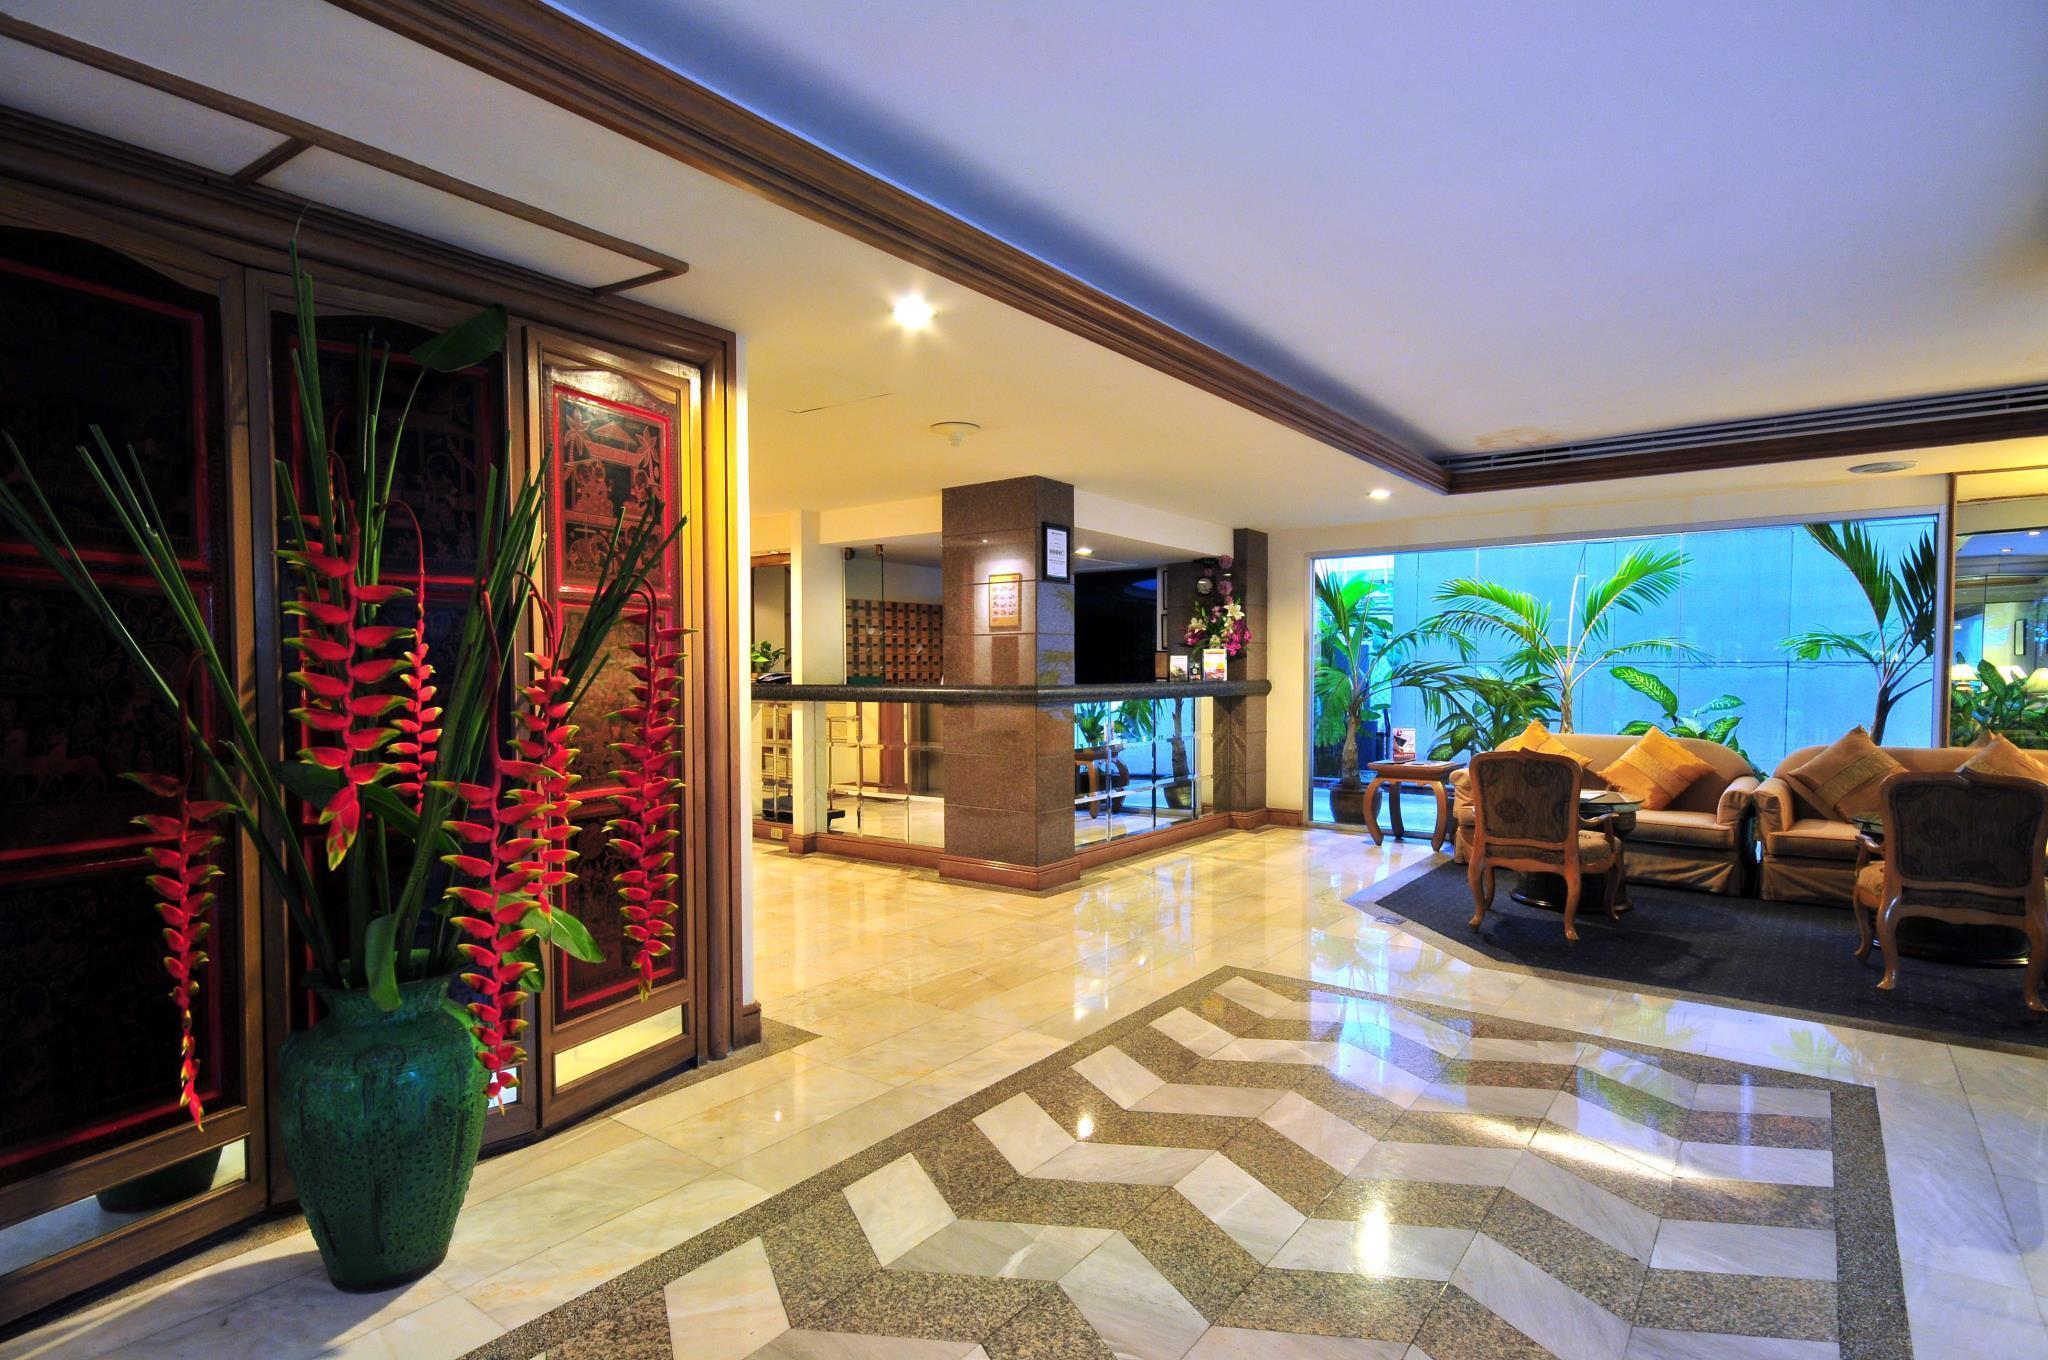 Le Siam Hotel โรงแรมเลอ สยาม